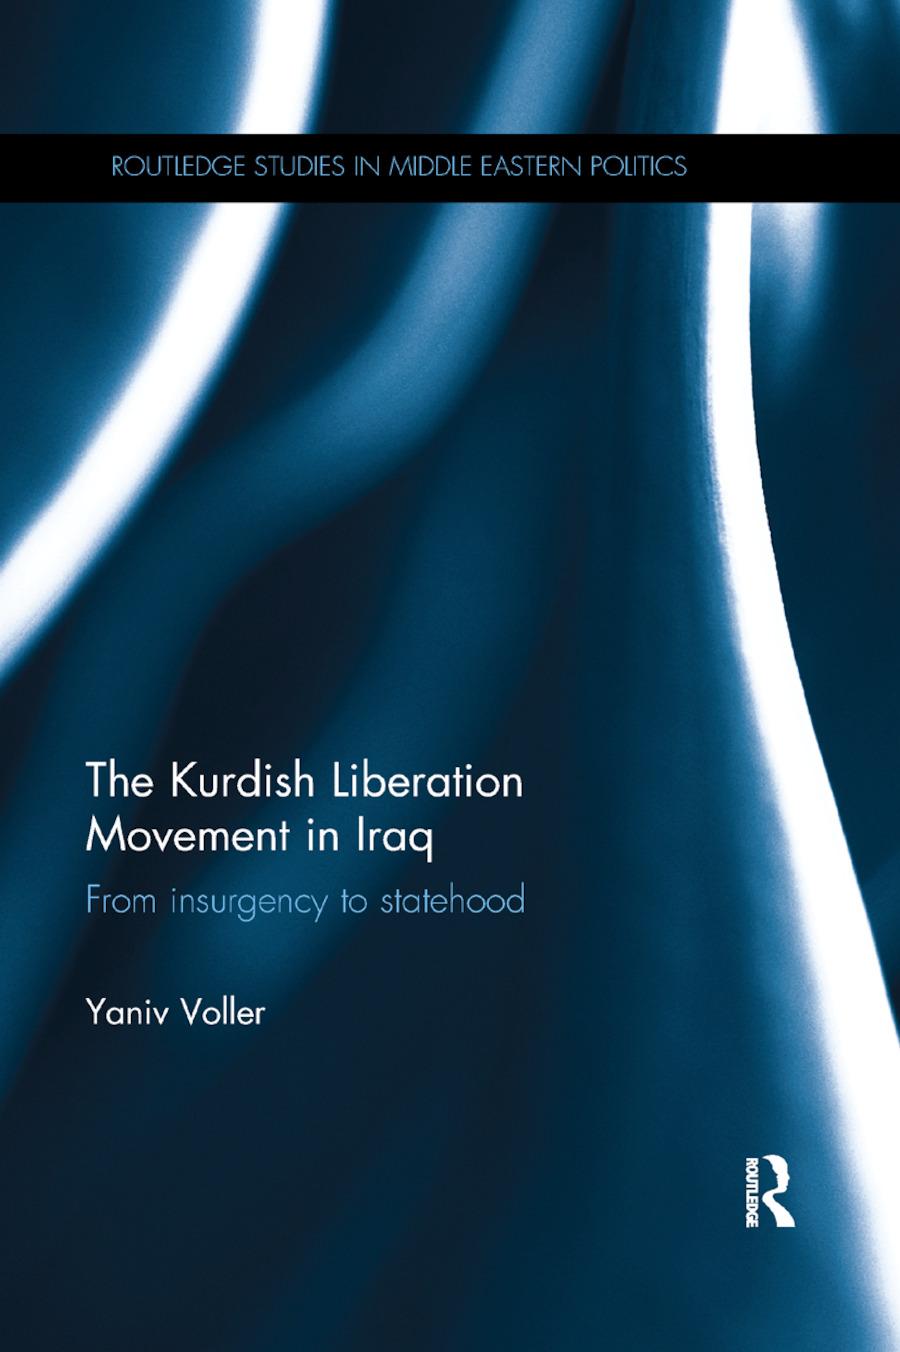 The Kurdish Liberation Movement in Iraq